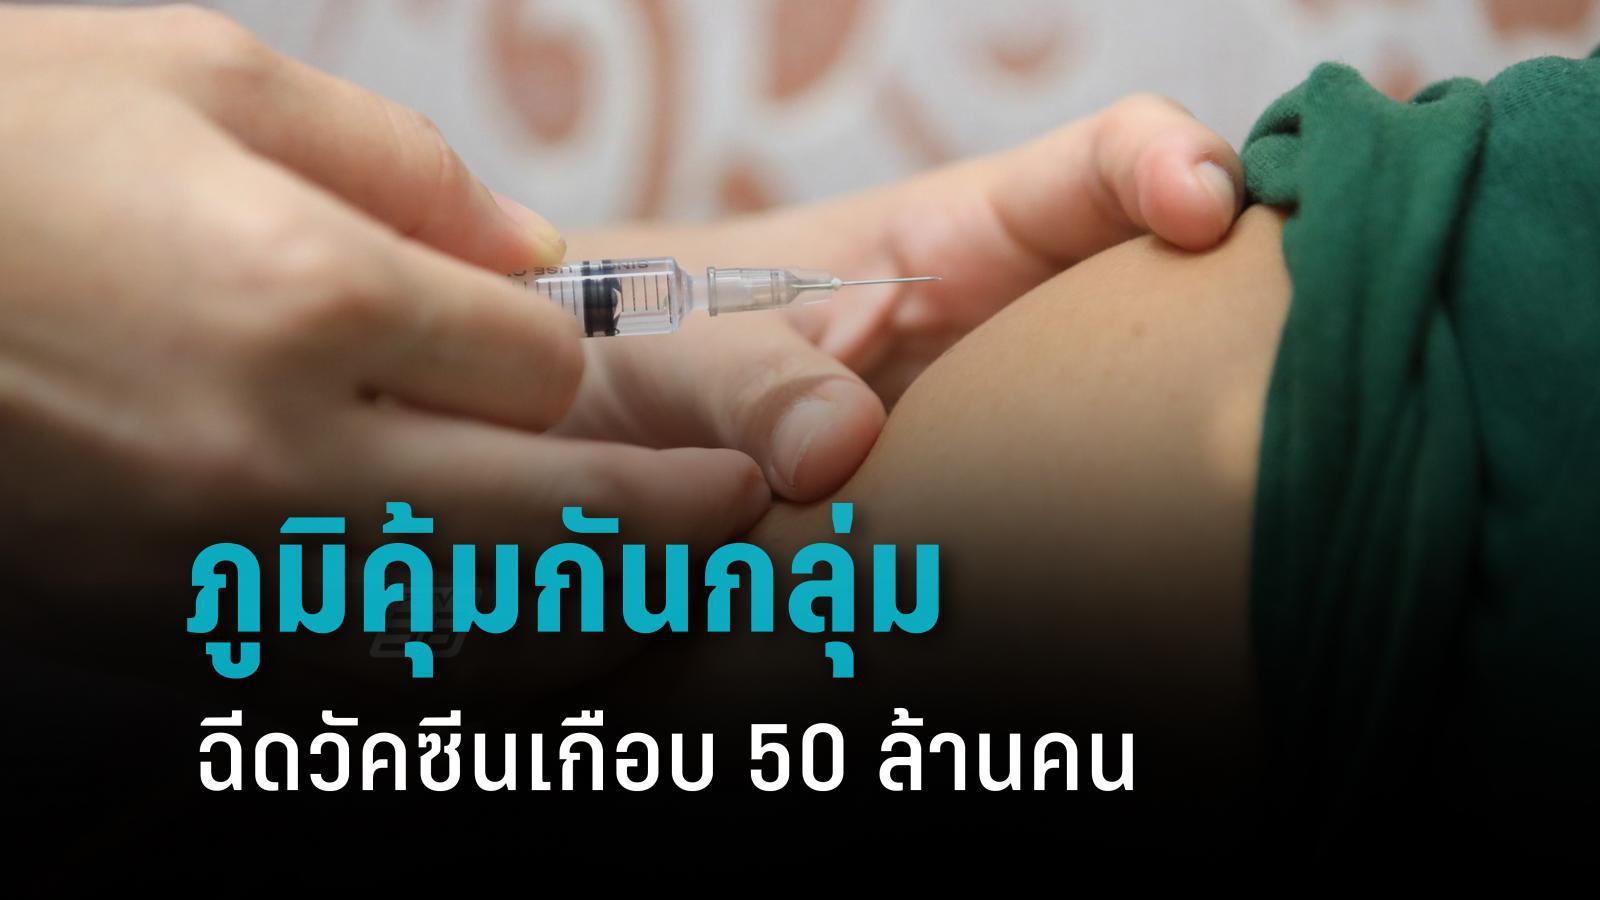 """""""หมอยง"""" เผย ภูมิคุ้มกันกลุ่ม ต้องฉีดวัคซีนเกือบ 50 ล้านคน"""